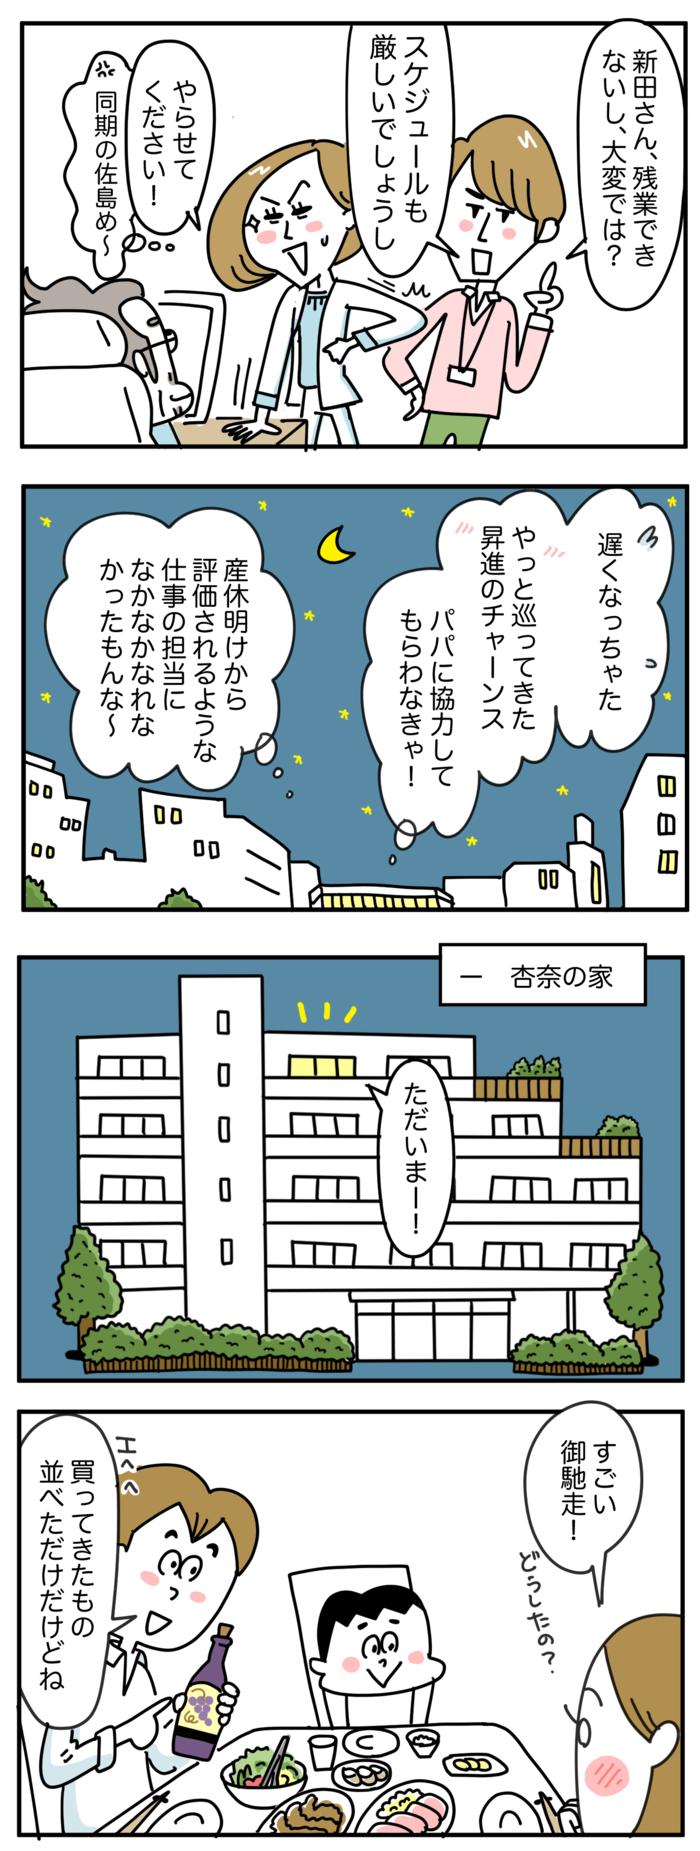 小学校入学のタイミングで大きな仕事に抜てき!?「小1の壁」は突然訪れるの画像4